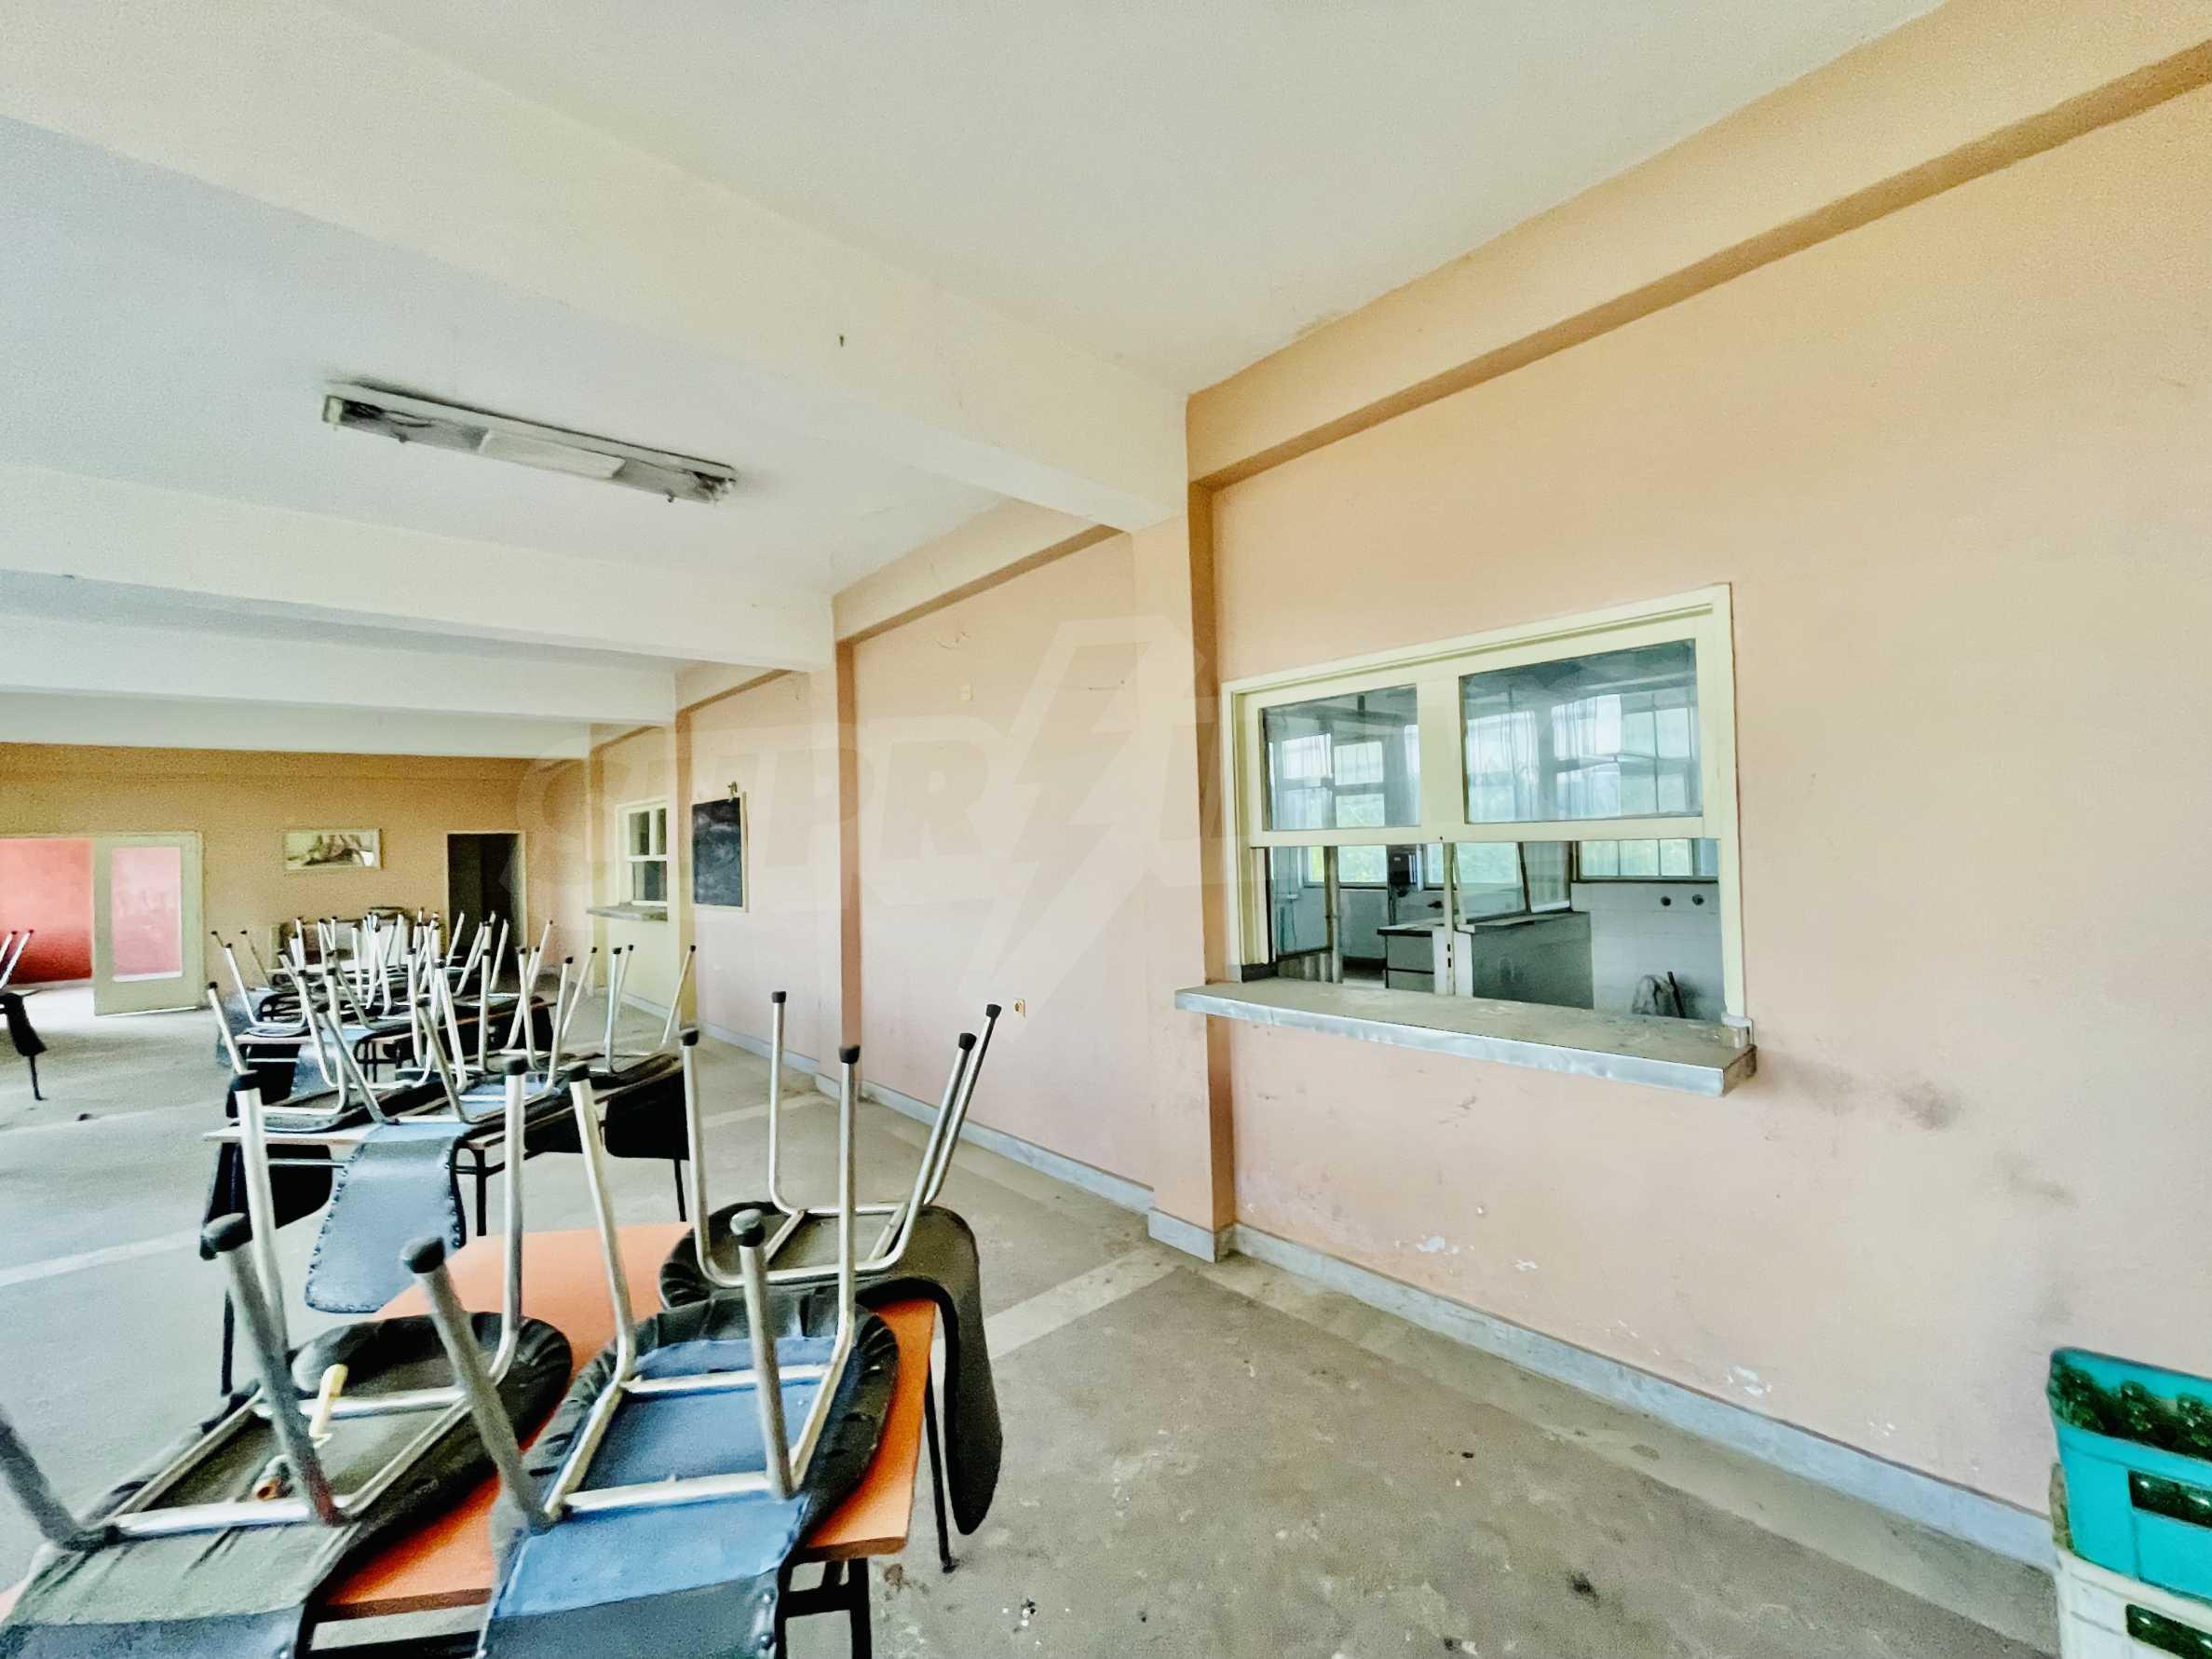 Factory for sale near Veliko Tarnovo 19